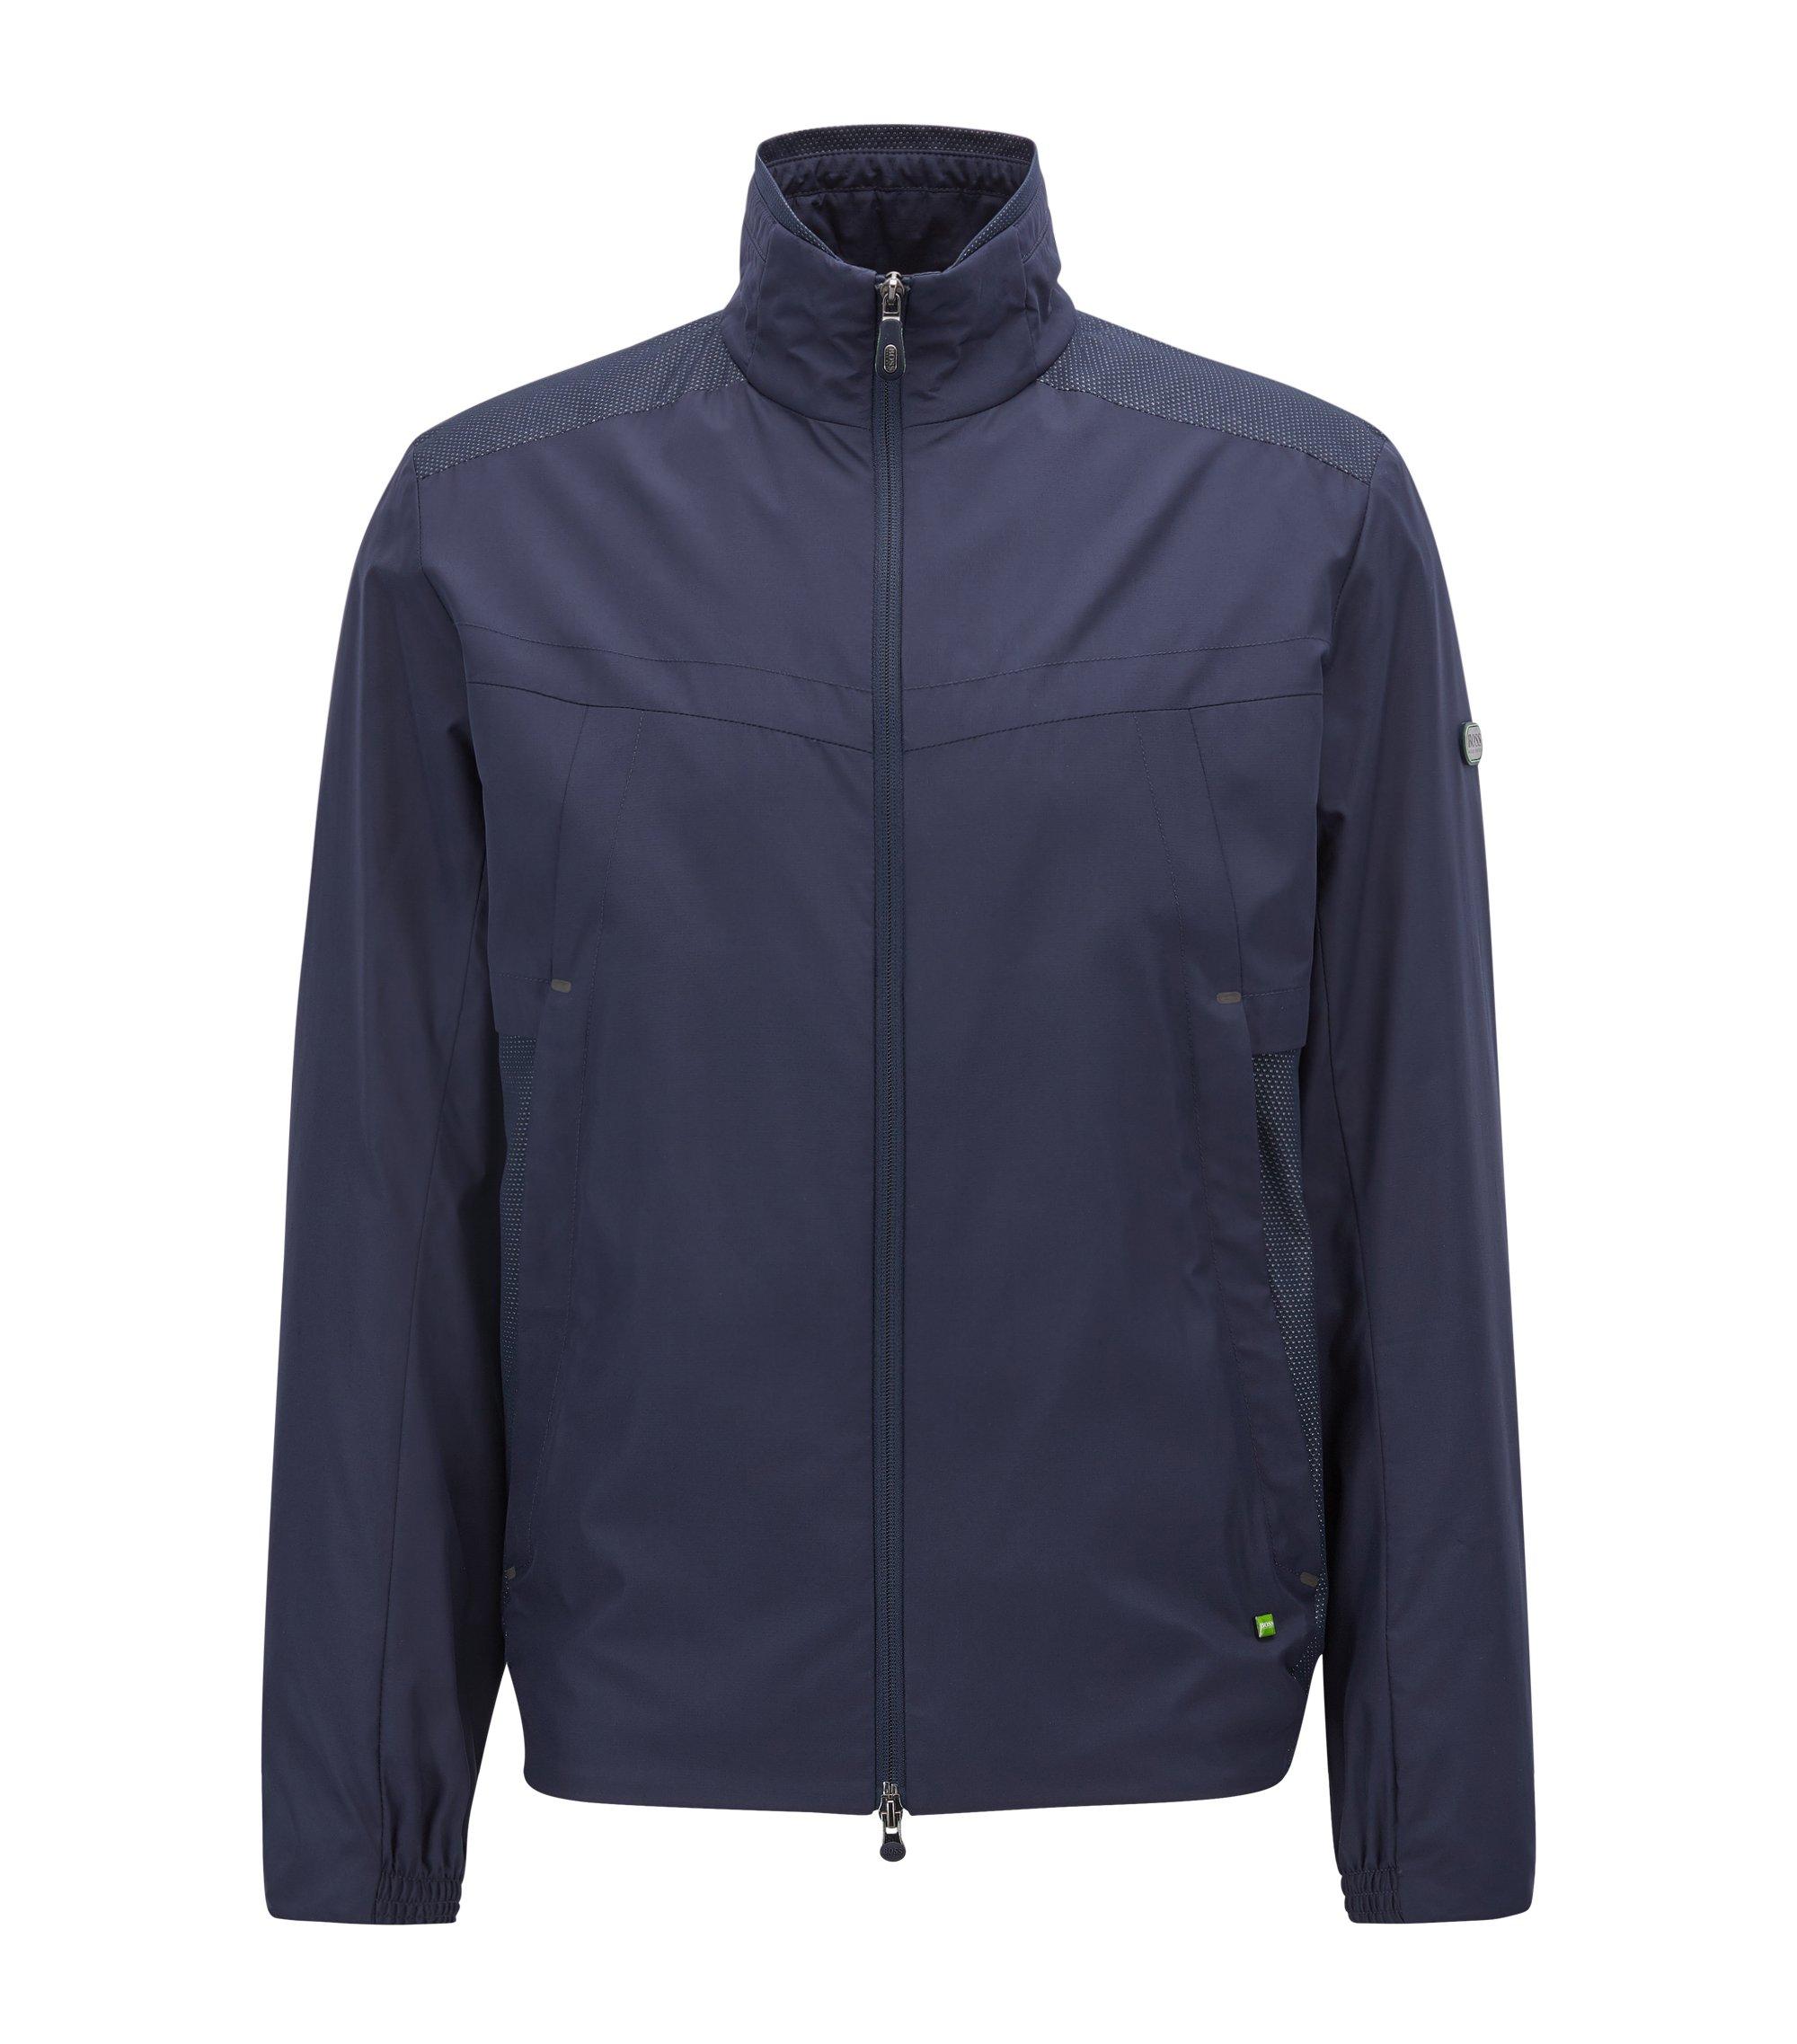 Wasserabweisende Jacke mit Schutz vor elektromagnetischen Strahlen, Dunkelblau